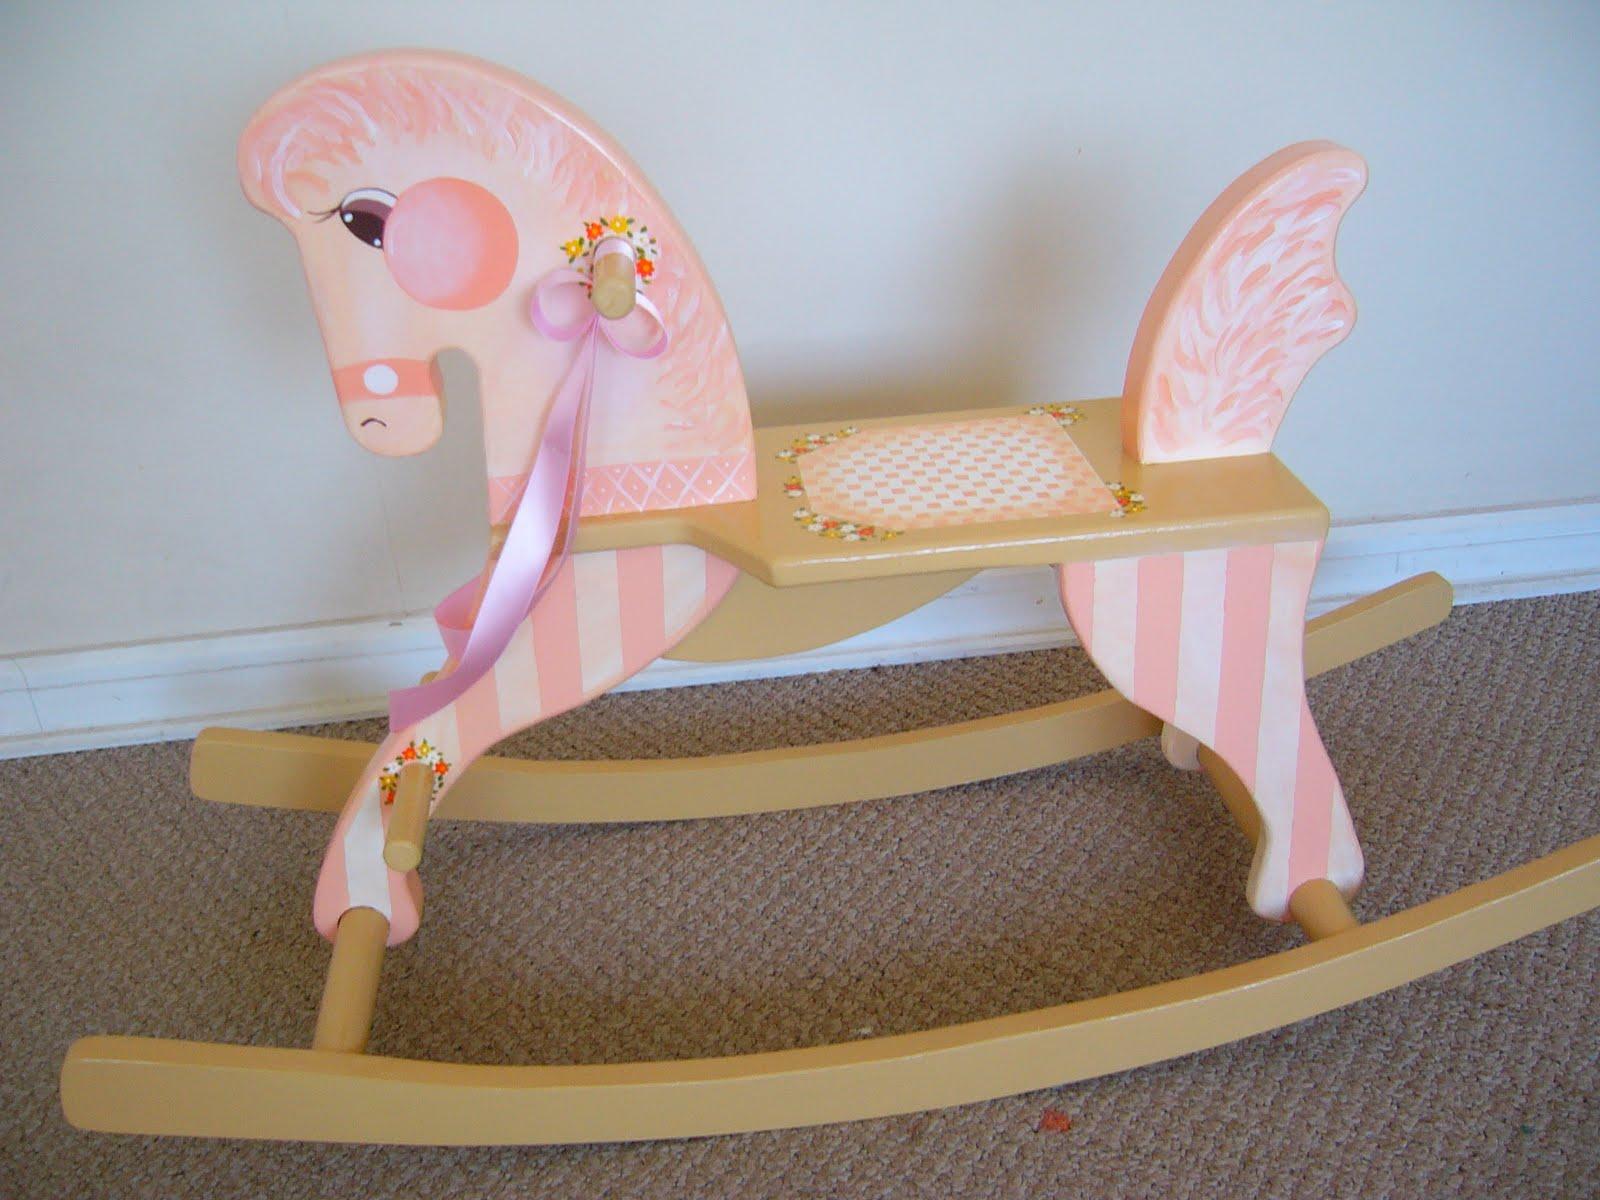 hacer muebles infantiles Hacer bricolaje es facilisimo - imagenes de muebles de madera para niños